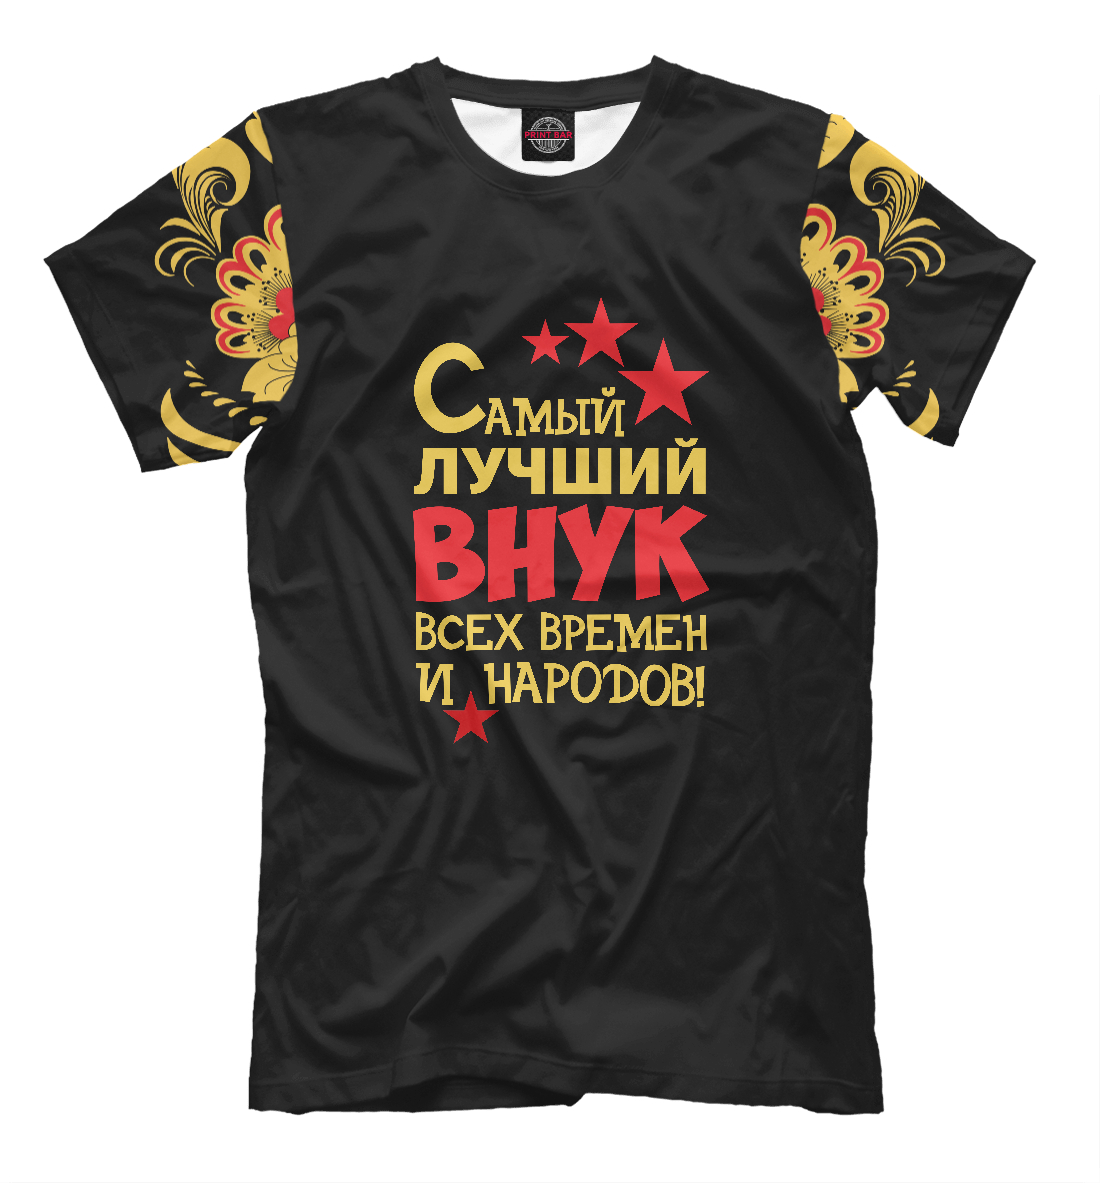 Купить Самый лучший внук, Printbar, Футболки, SEM-110554-fut-2